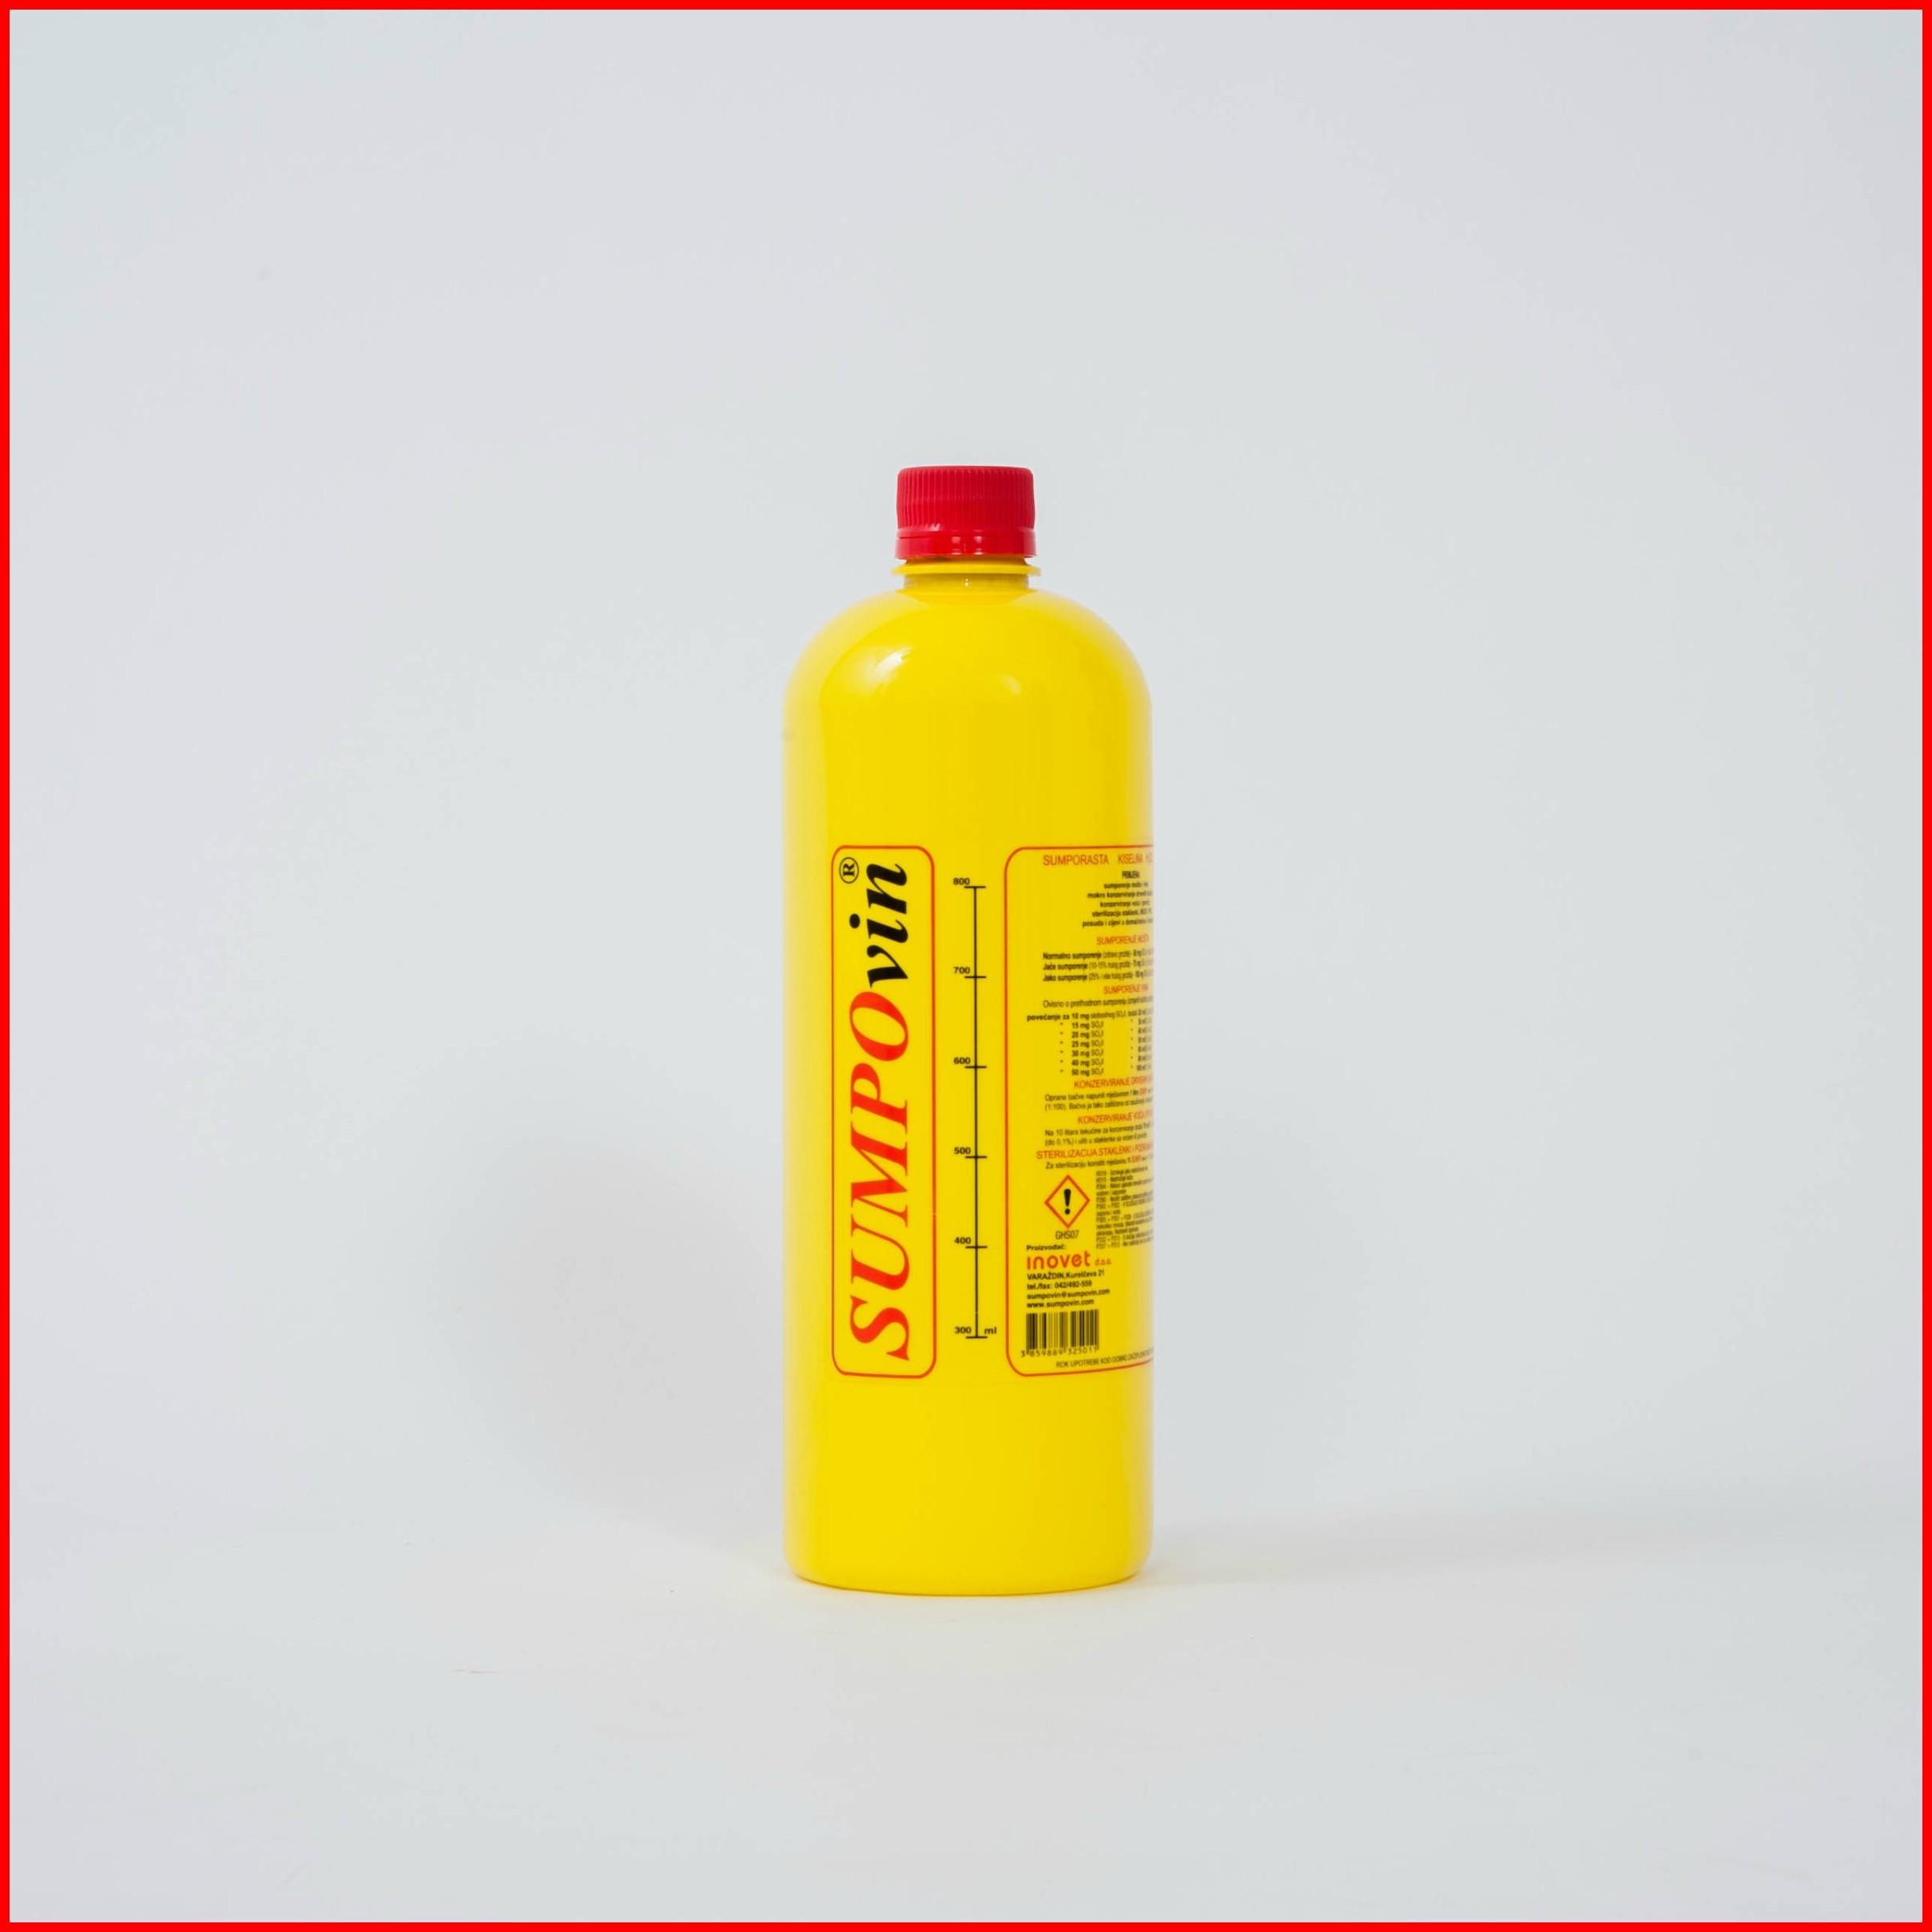 SUMPOvin - Primjena:• Sumporenje mošta i vina• Mokro konzerviranje drvenih i barrique bačava• Konzerviranje voća i povrća• Sterilizacija staklenki, INOX i PVC posuda i cijevi u          domaćinstvu i industrijiPrednosti pred ostalim sredstvima iste namjene:•  Jednostavna primjena i precizno doziranje• Ne mijenja organoleptička svojstva vina (okus, boja, miris)•  Ne mijenja miris bačve• Nije opasan za zdravlje ljudi i životinja